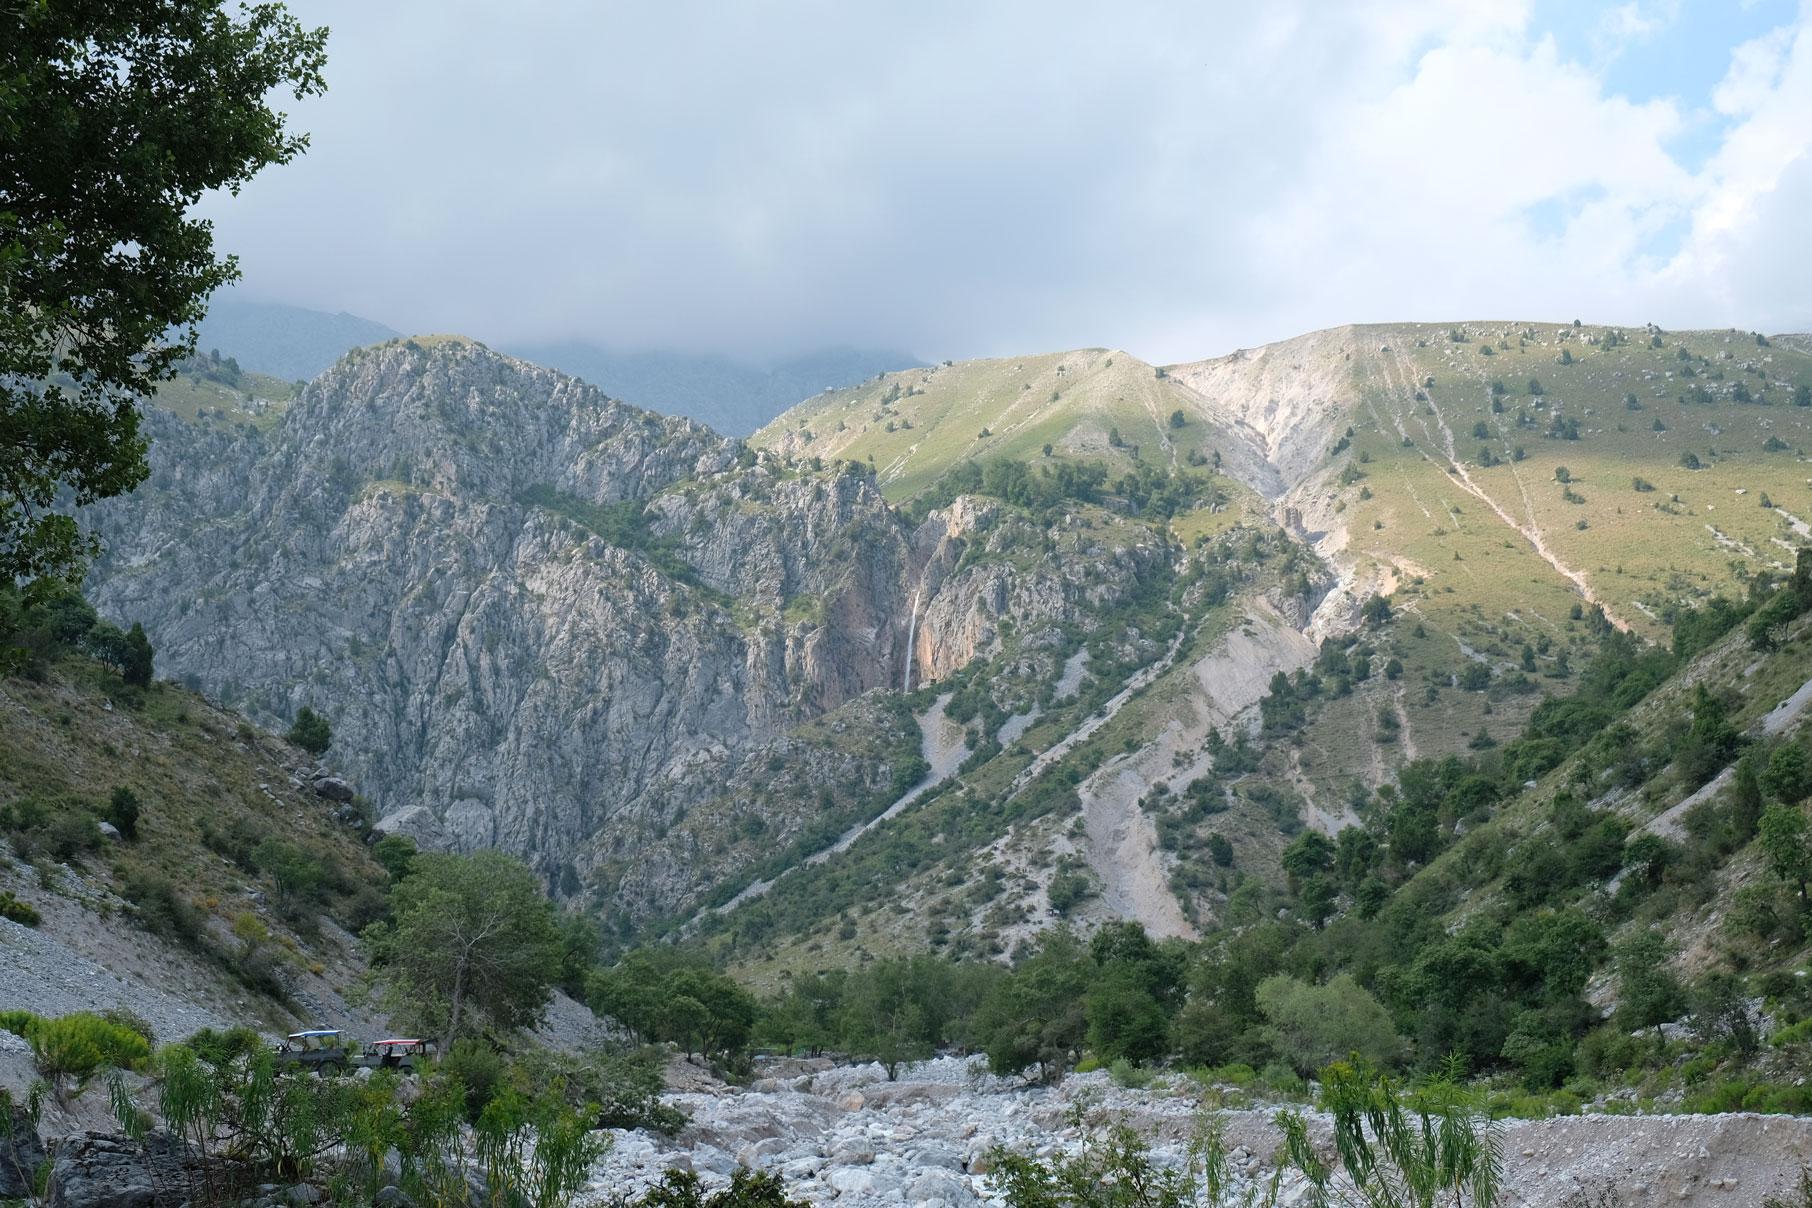 Blick zurück nach dem Abstieg. In der Bildmitte erkennt man den Wasserfall.